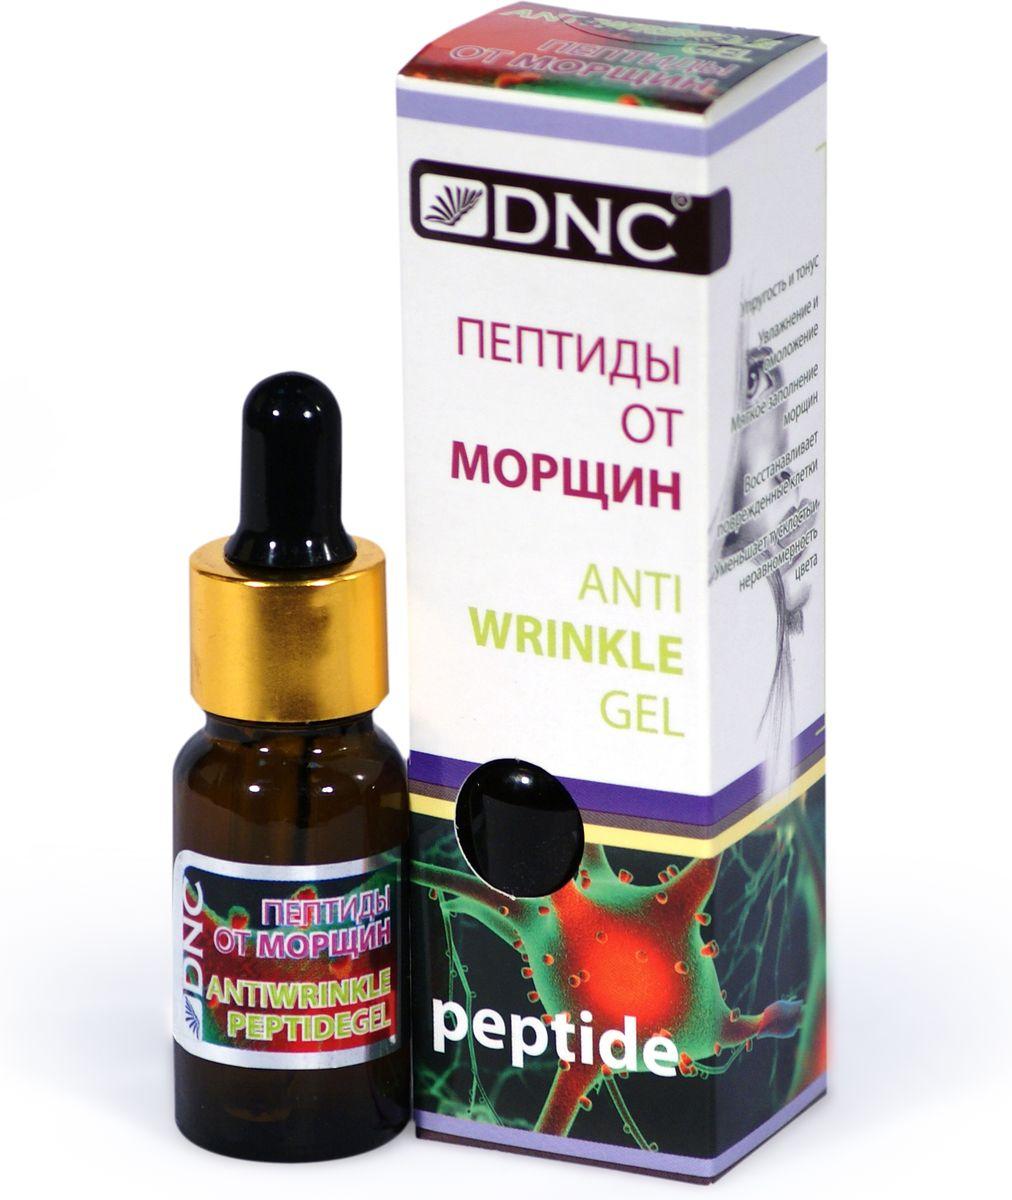 DNC Пептиды от морщин, 10 мл4751006750500Молекулы Пептидов, благодаря своему строению, наилучшим образом включаются в биологическую цепочку синтеза коллагена, значительно усиливая его выработку. Возрастающая наполненность кожи компенсирует возрастные изменения структуры, возвращая коже более молодой вид и упругость. Препарат активирует производство собственного коллагена и защищает его от разрушения. Увлажняет и освежает лицо. Превосходное разглаживание кожи и уменьшение размера морщин.